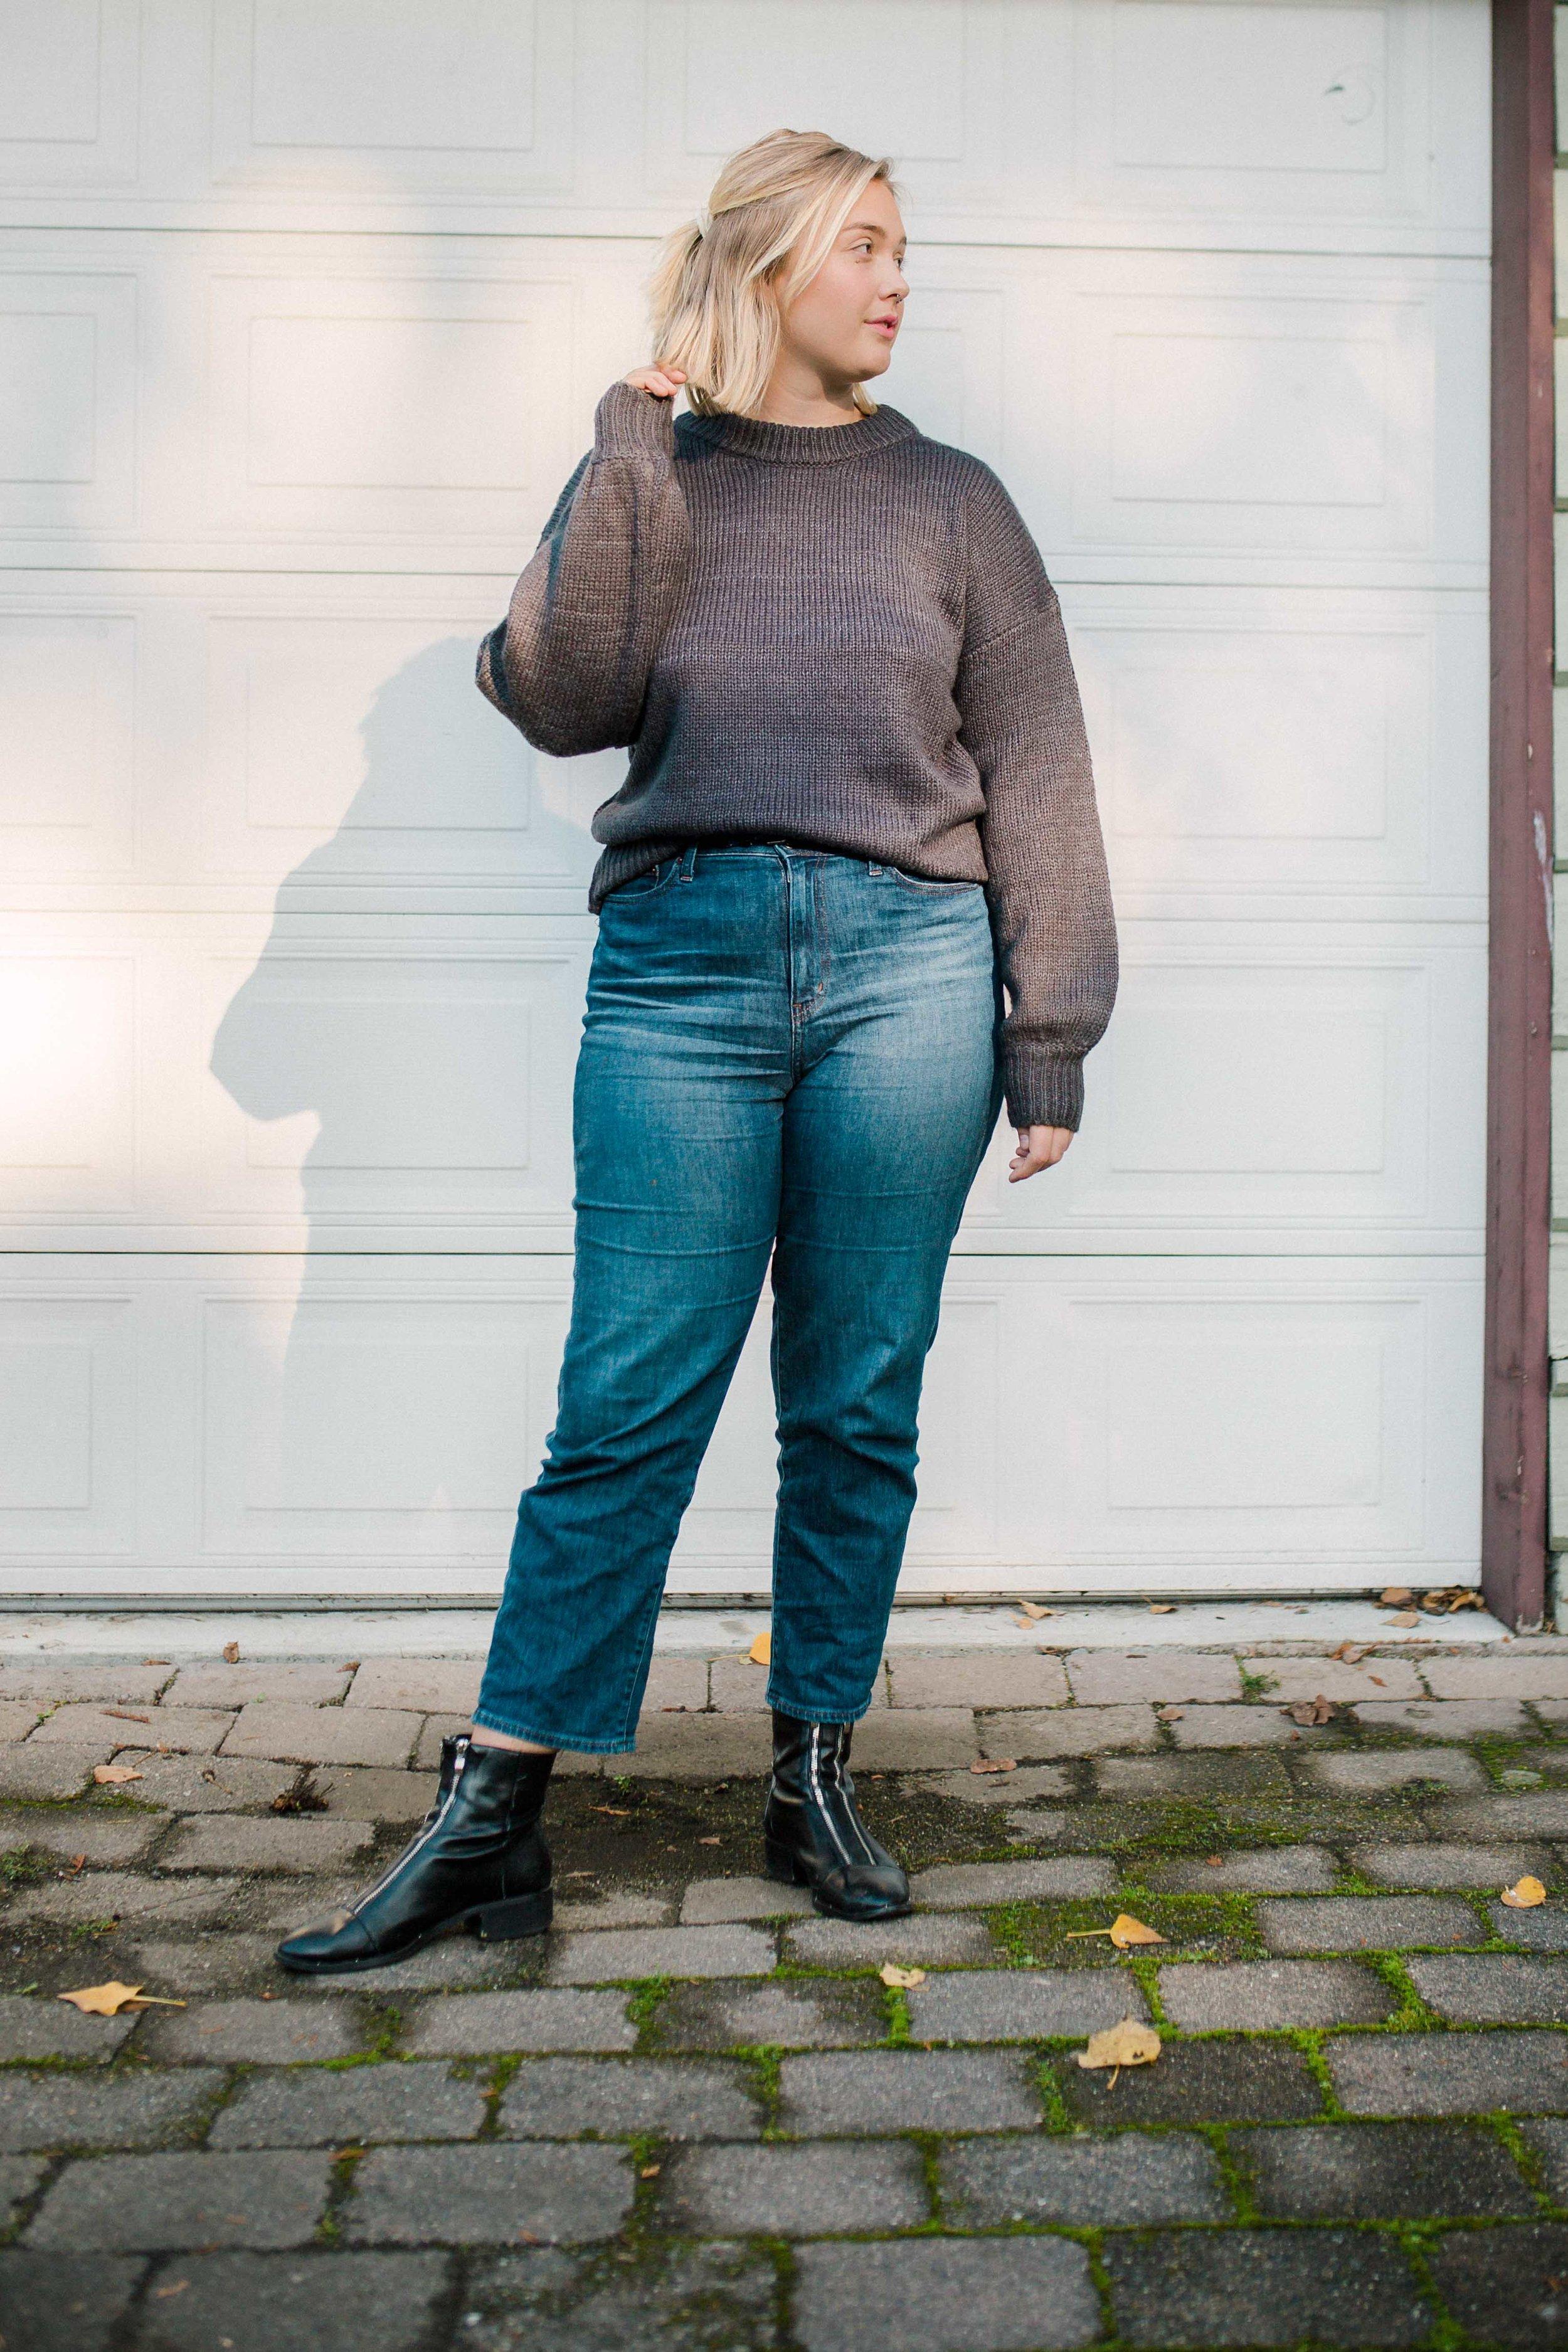 new-in-knitwear-bonjour-coley-2.jpg